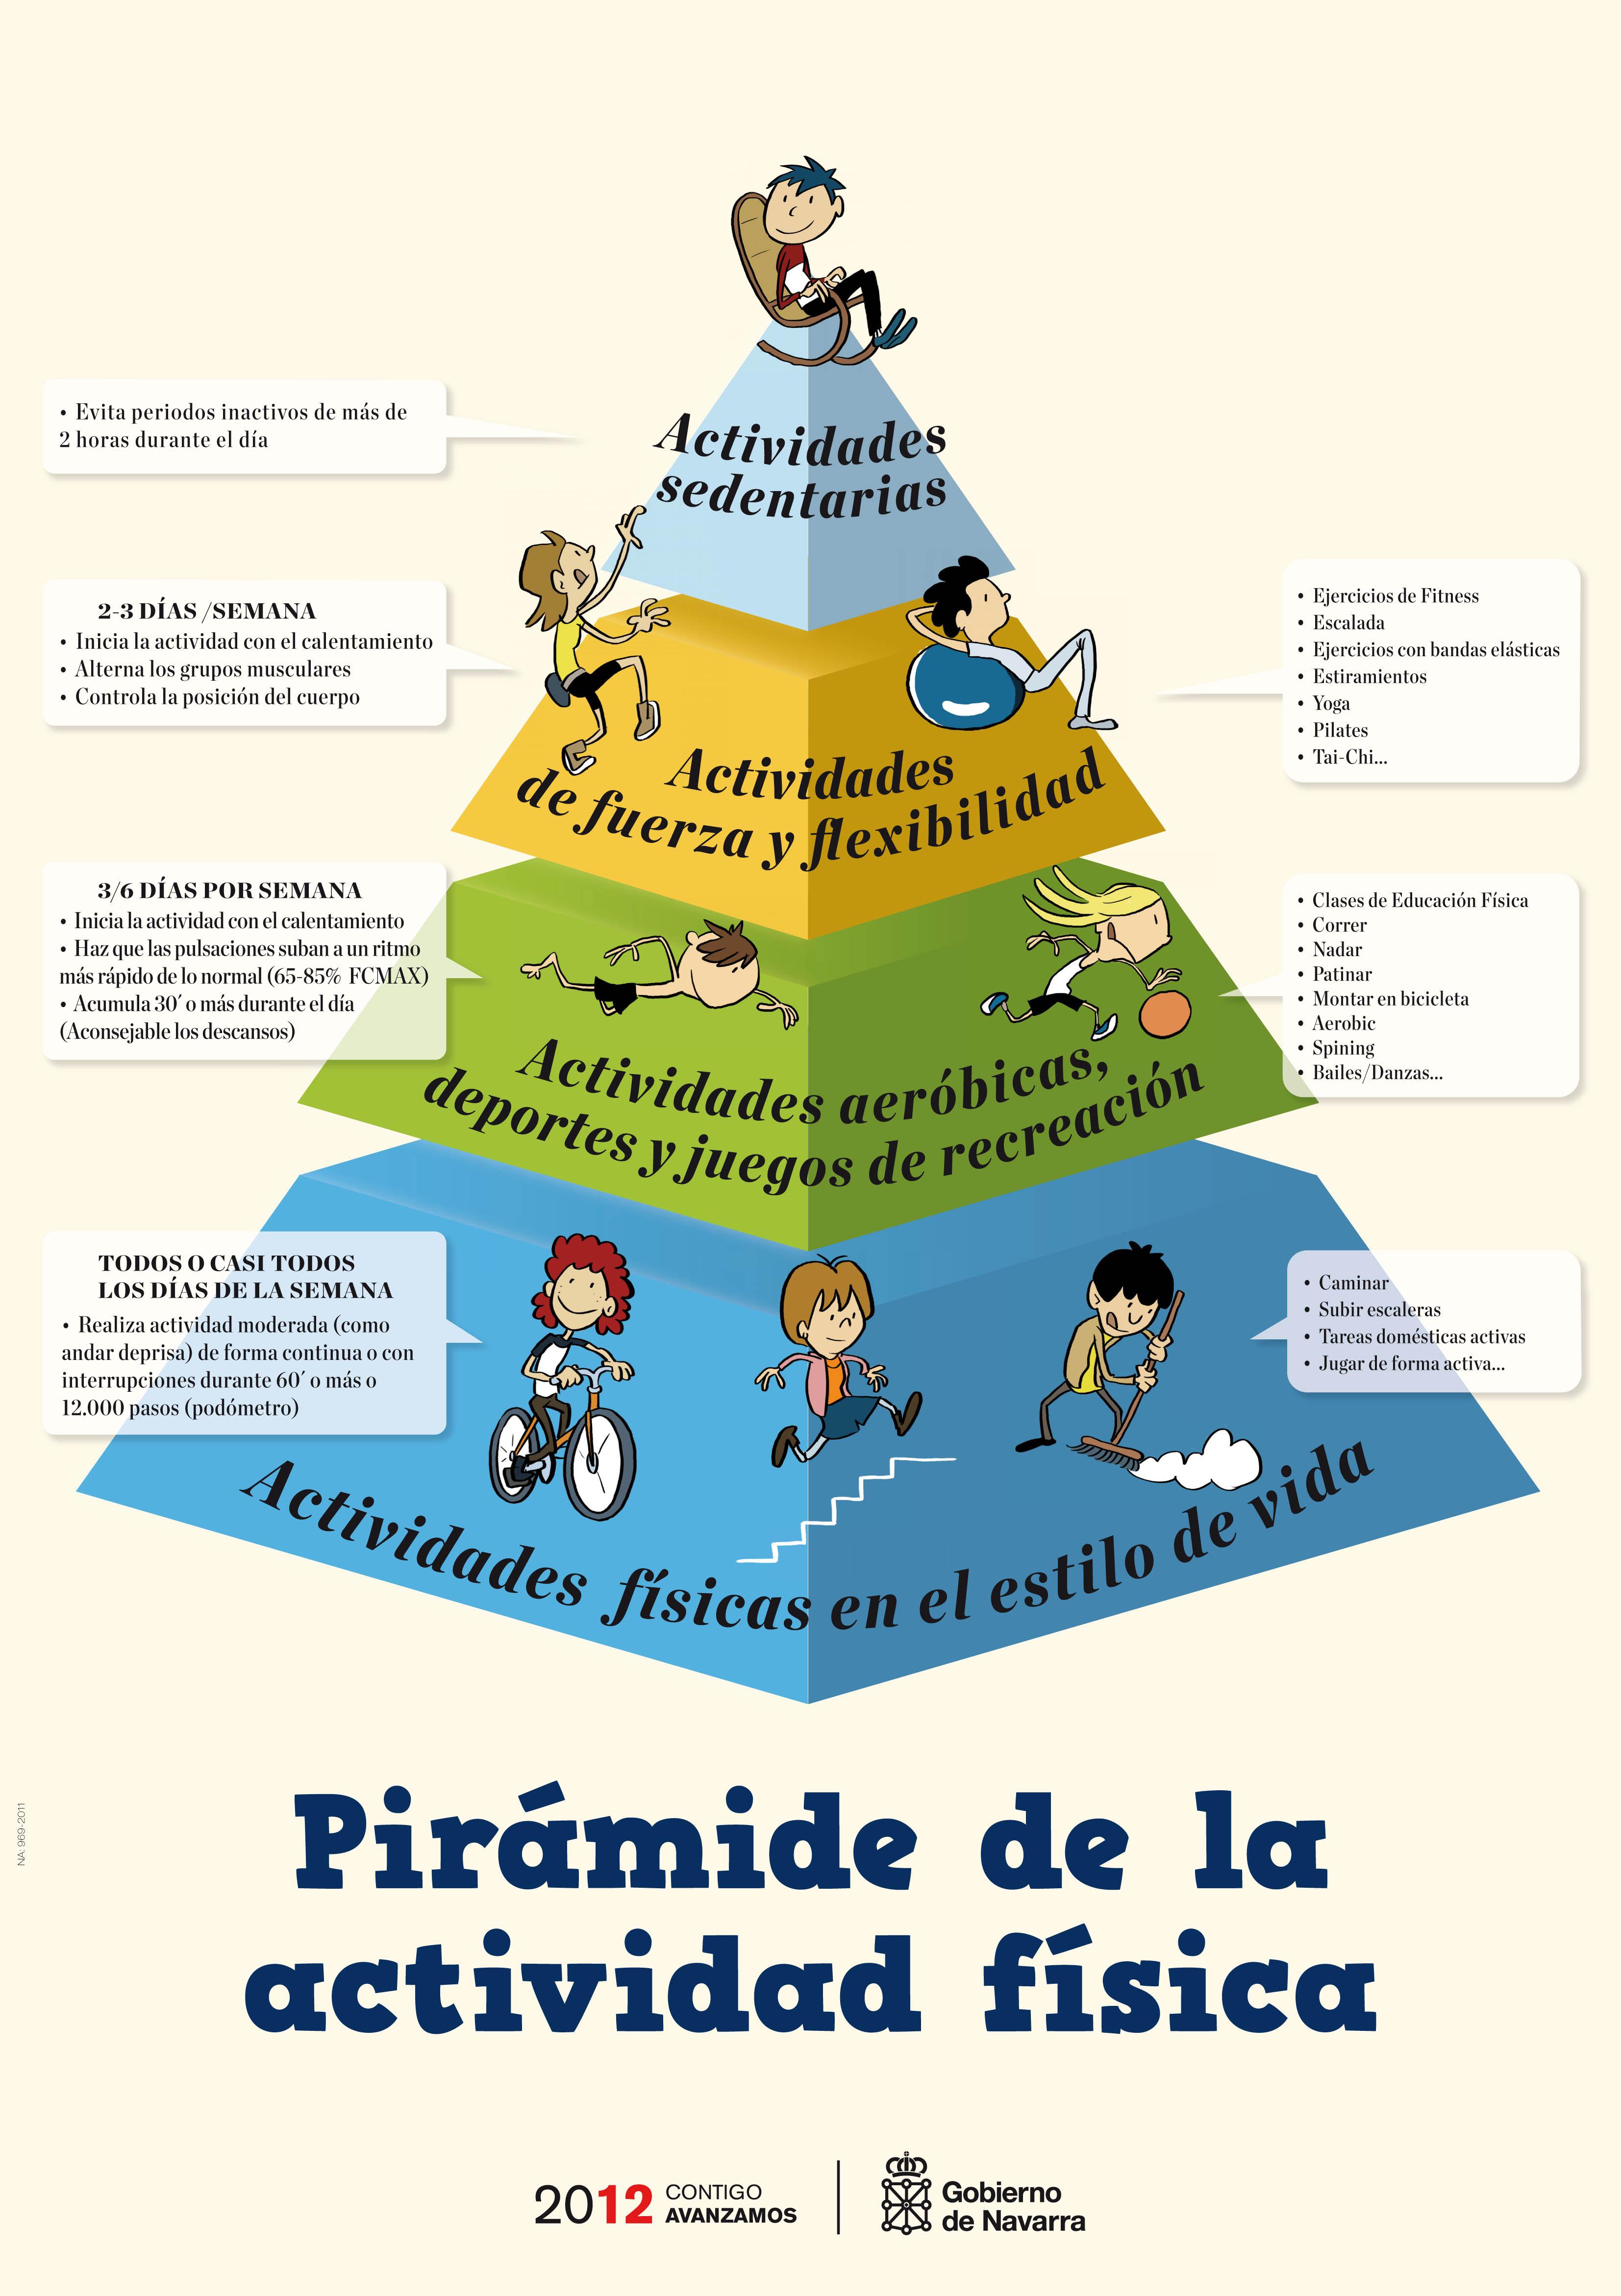 Deporte Y Educación Física Miscelánea Pirámide De La Actividad Física